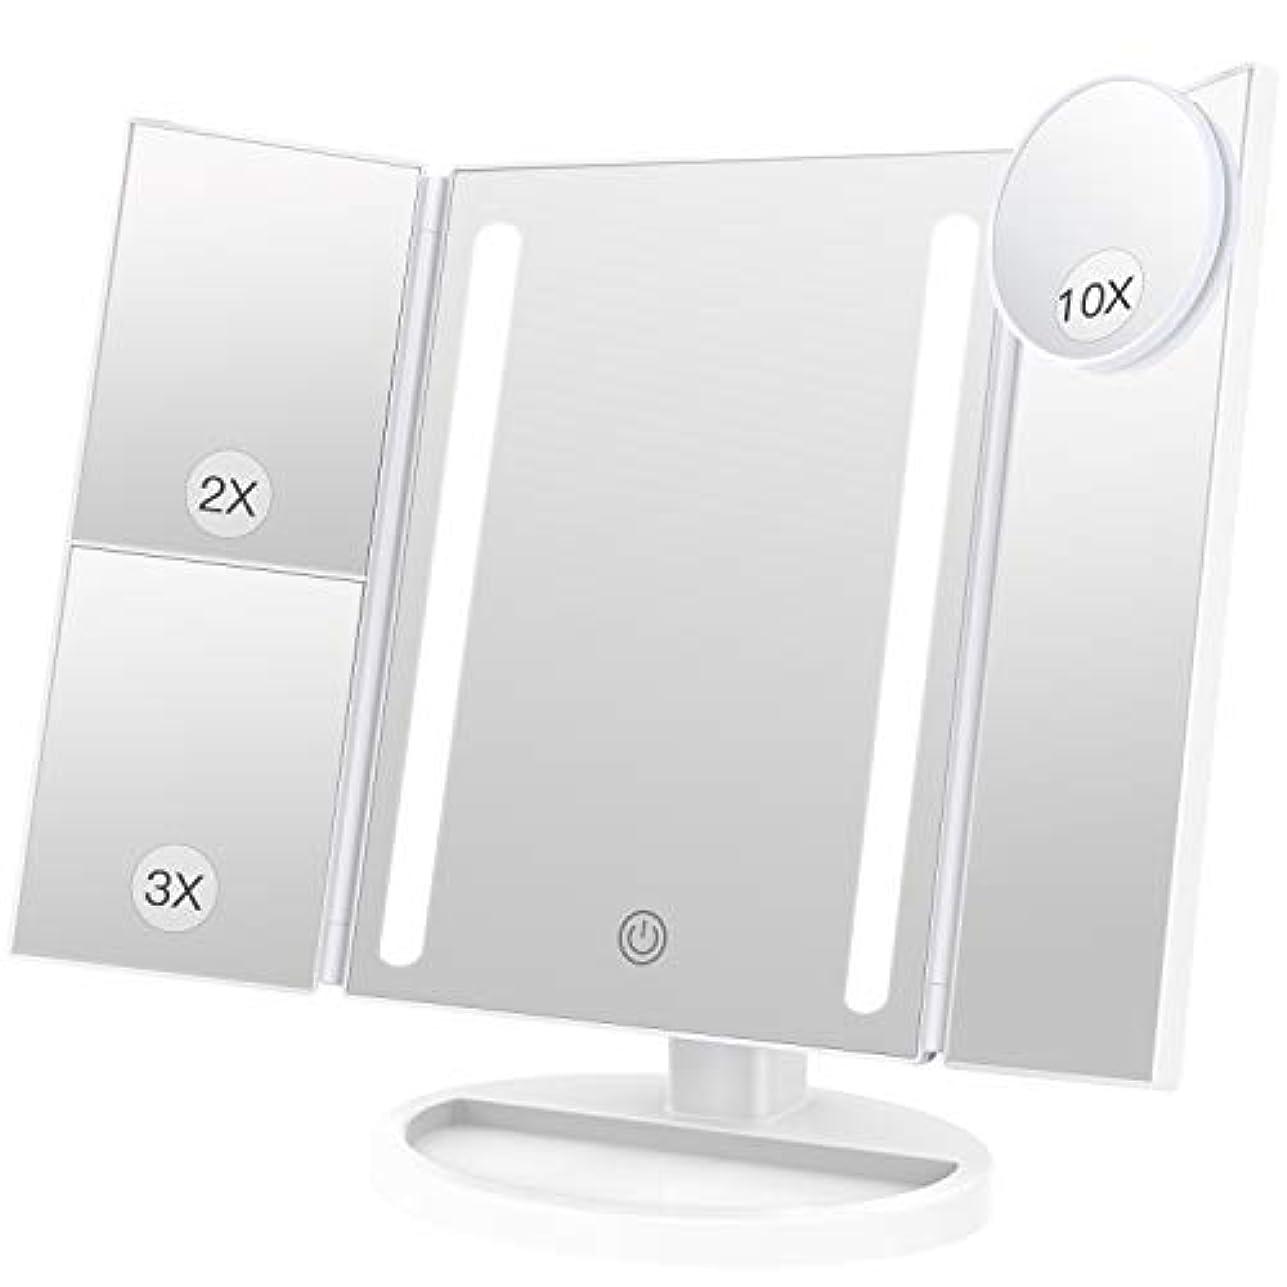 くそータンザニアアレンジBESTOPE 化粧鏡 卓上鏡 鏡 三面鏡 拡大鏡 卓上 led付き 折りたたみ 2倍&3倍 明るさ調節可能 180°回転 電池&USB 2WAY給電